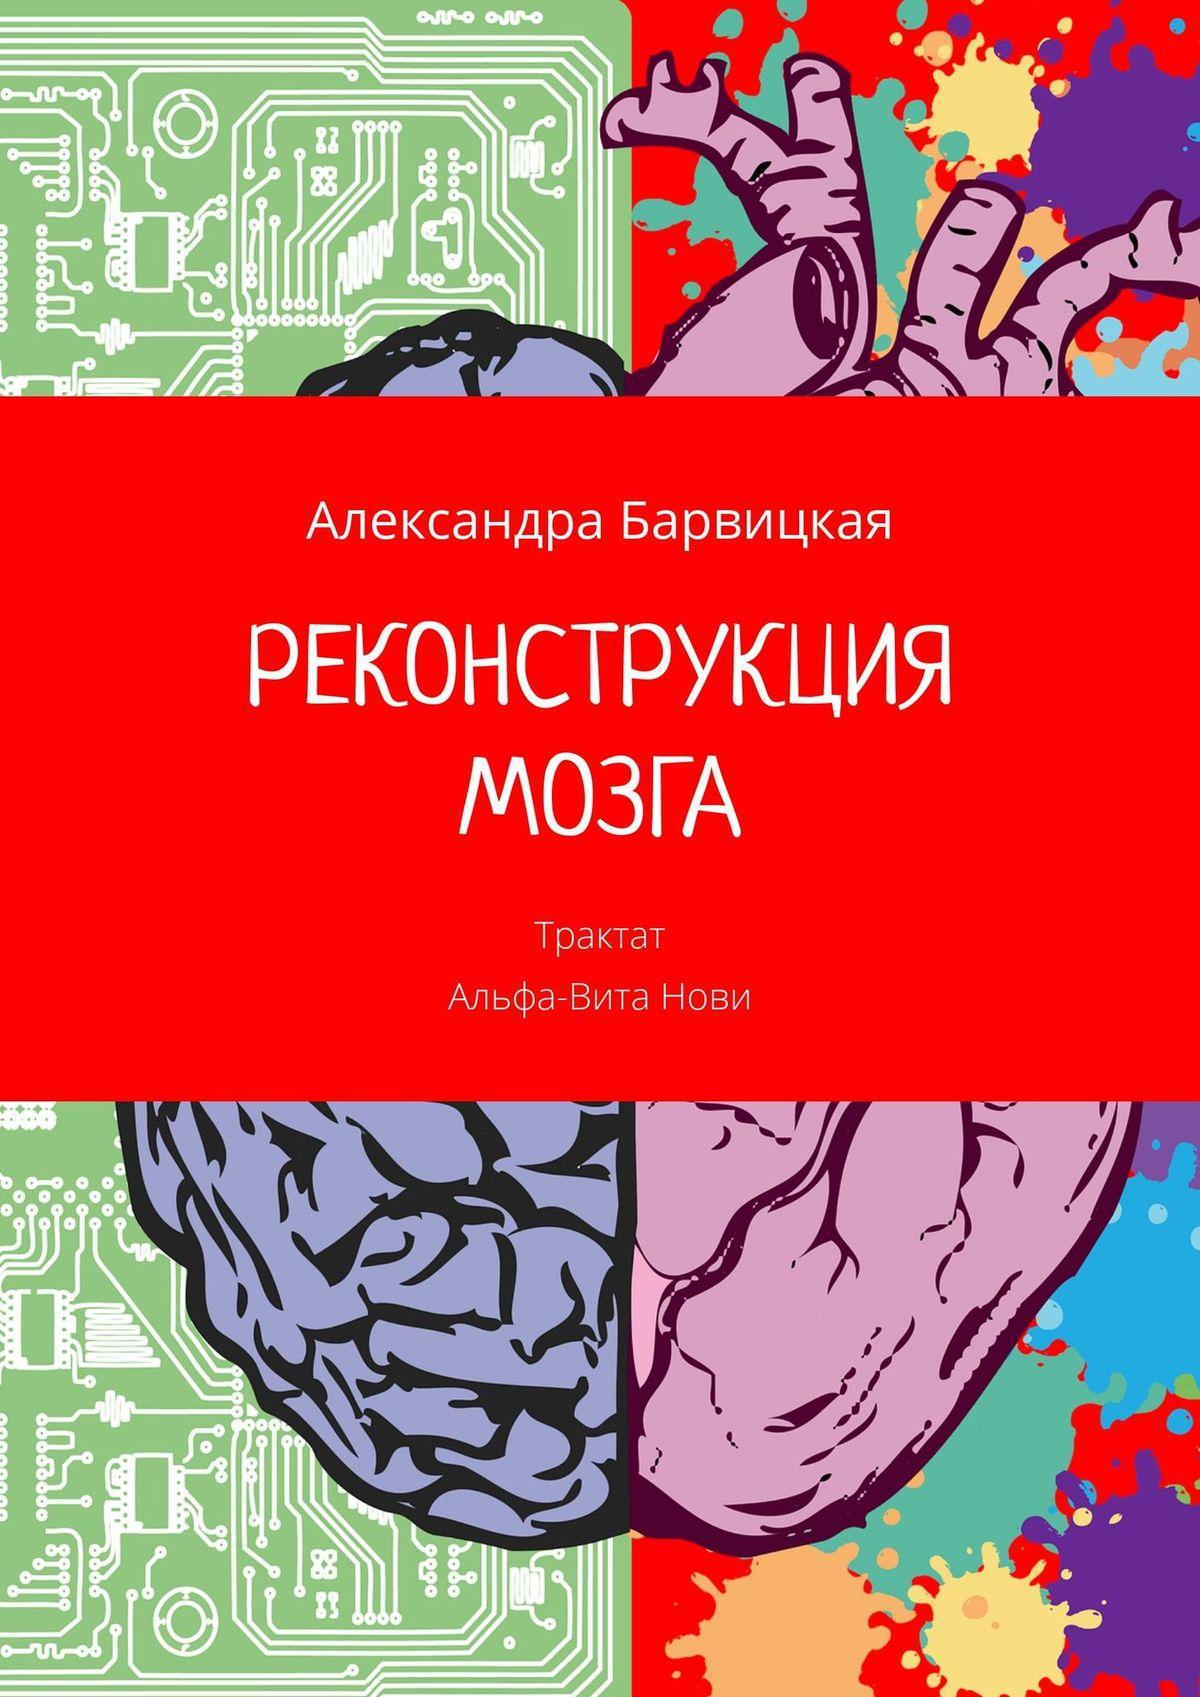 РЕКОНСТРУКЦИЯ МОЗГА. Трактат Альфа-ВитаНови